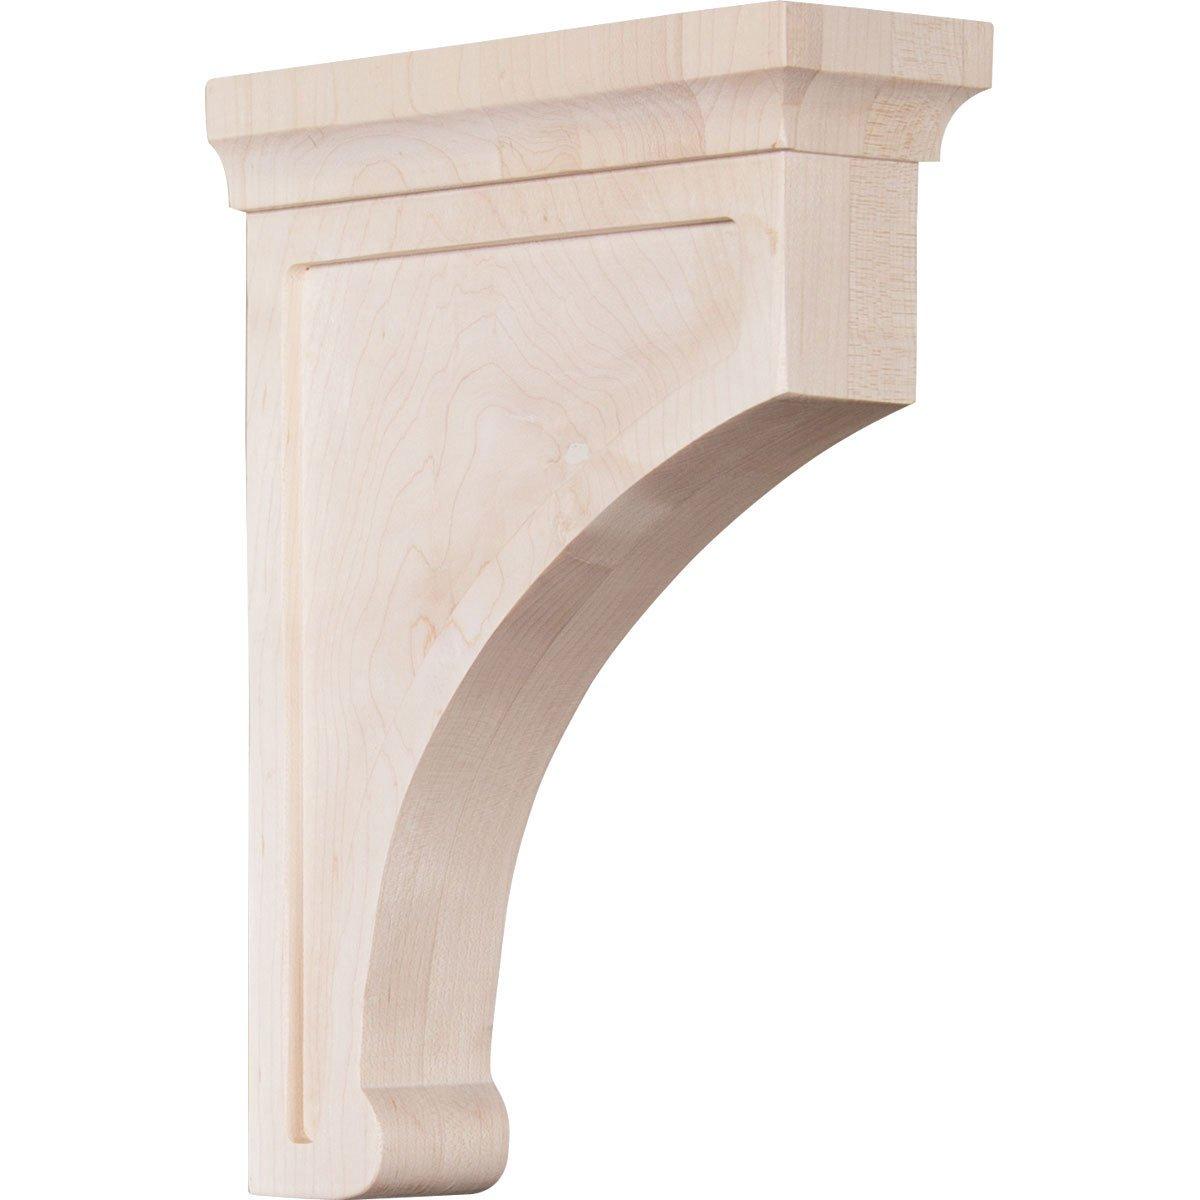 Ekena Millwork BKTW02X07X10GORW 2 1/2''W x 7''D x 10''H Large Gomez Wood Bracket, Rubber Wood